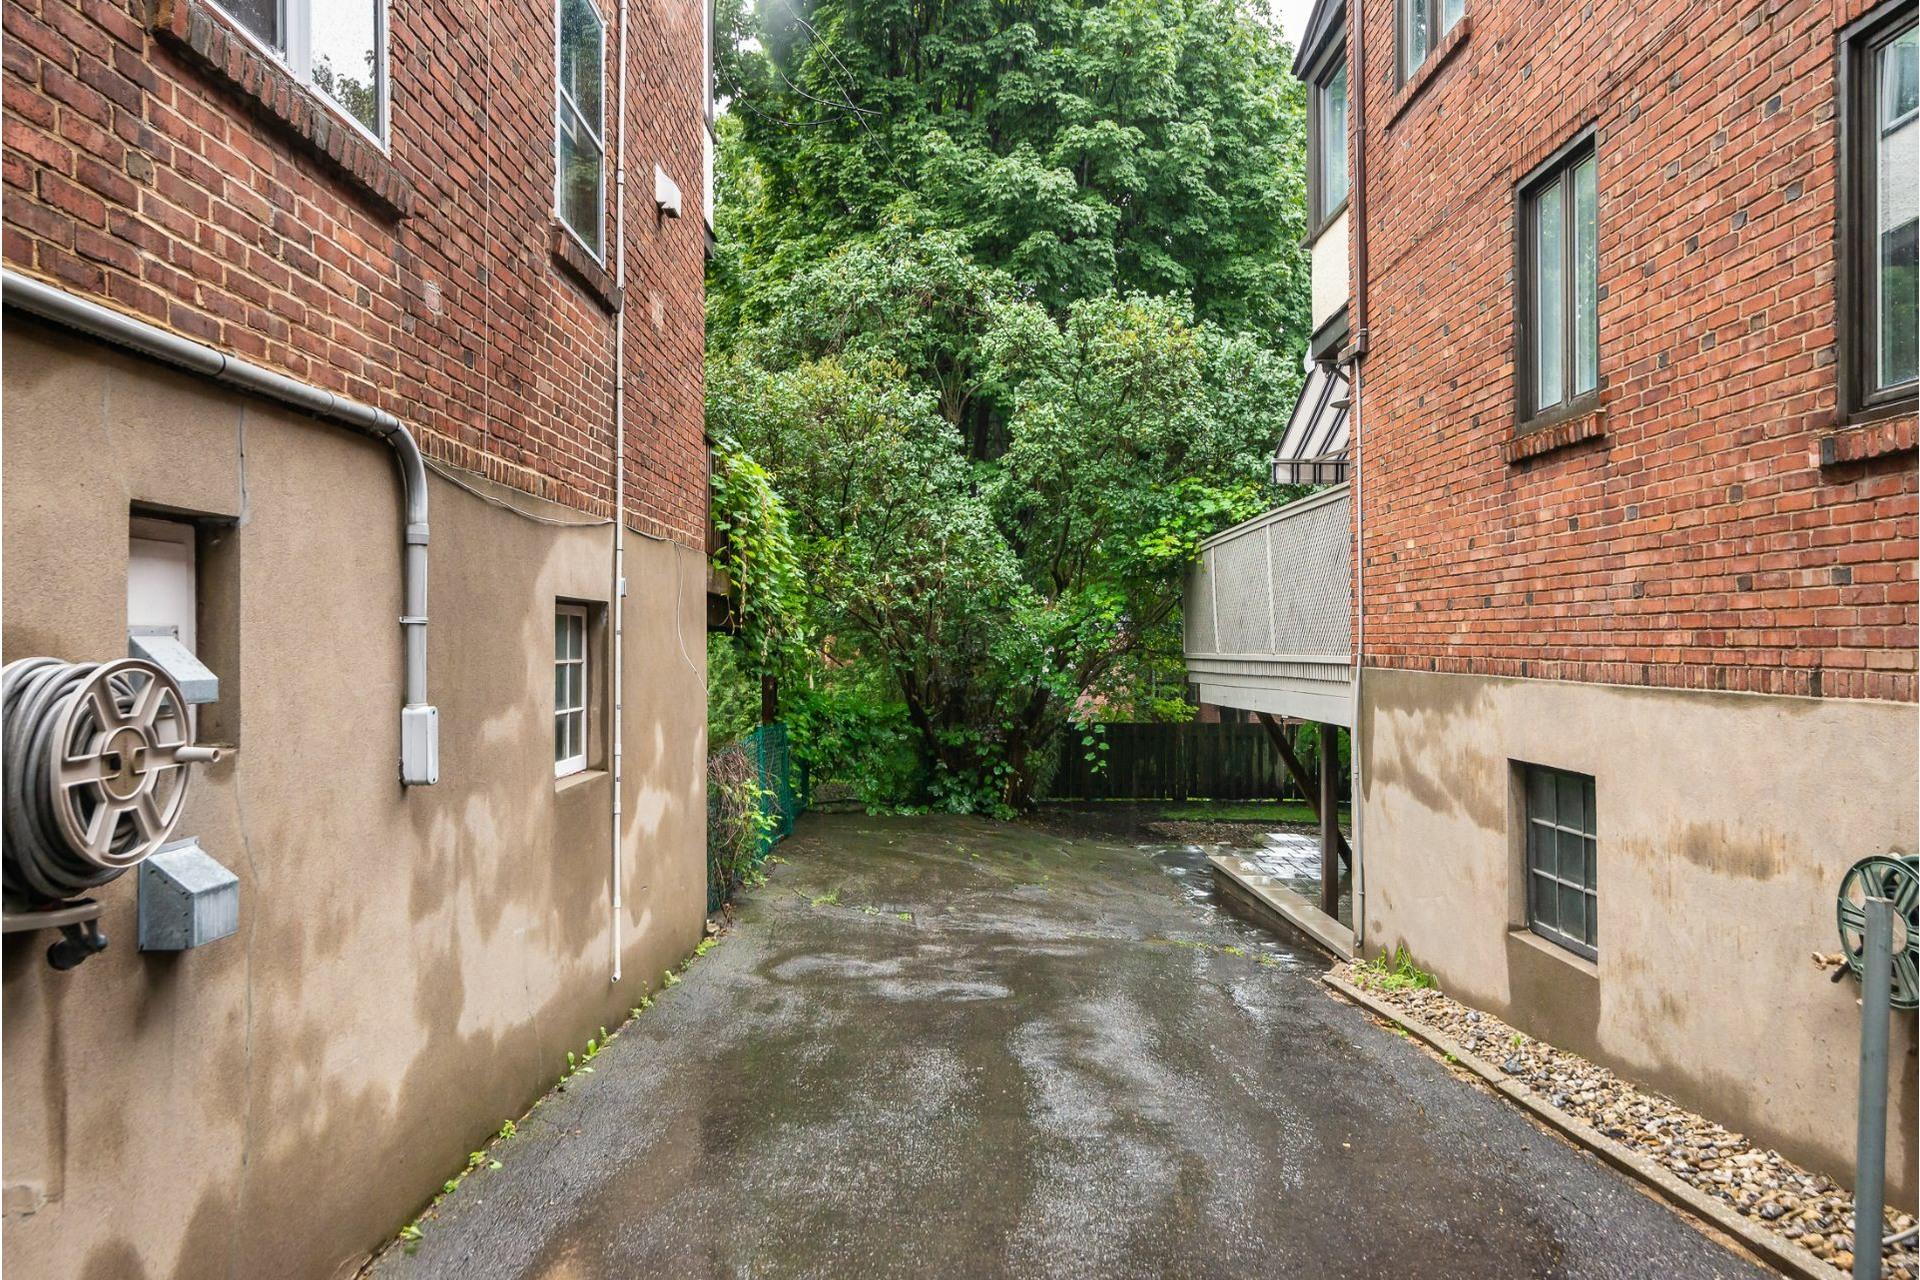 image 32 - House For rent Côte-des-Neiges/Notre-Dame-de-Grâce Montréal  - 9 rooms